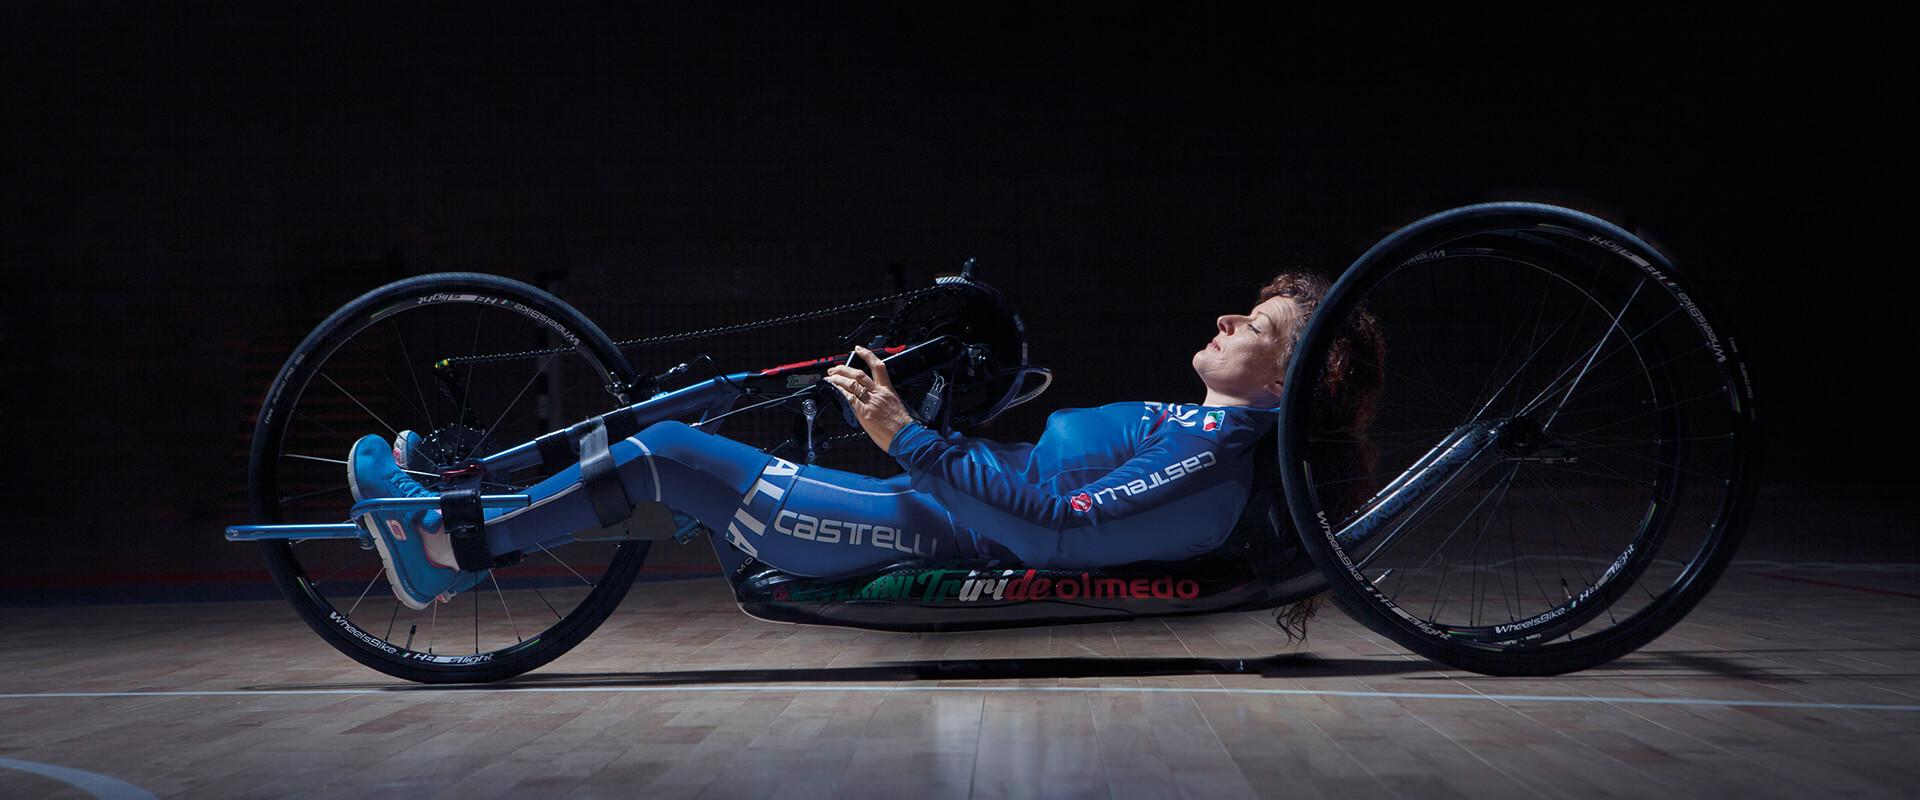 wheelsbike-sezione-home-handbike-carbon-aluminium